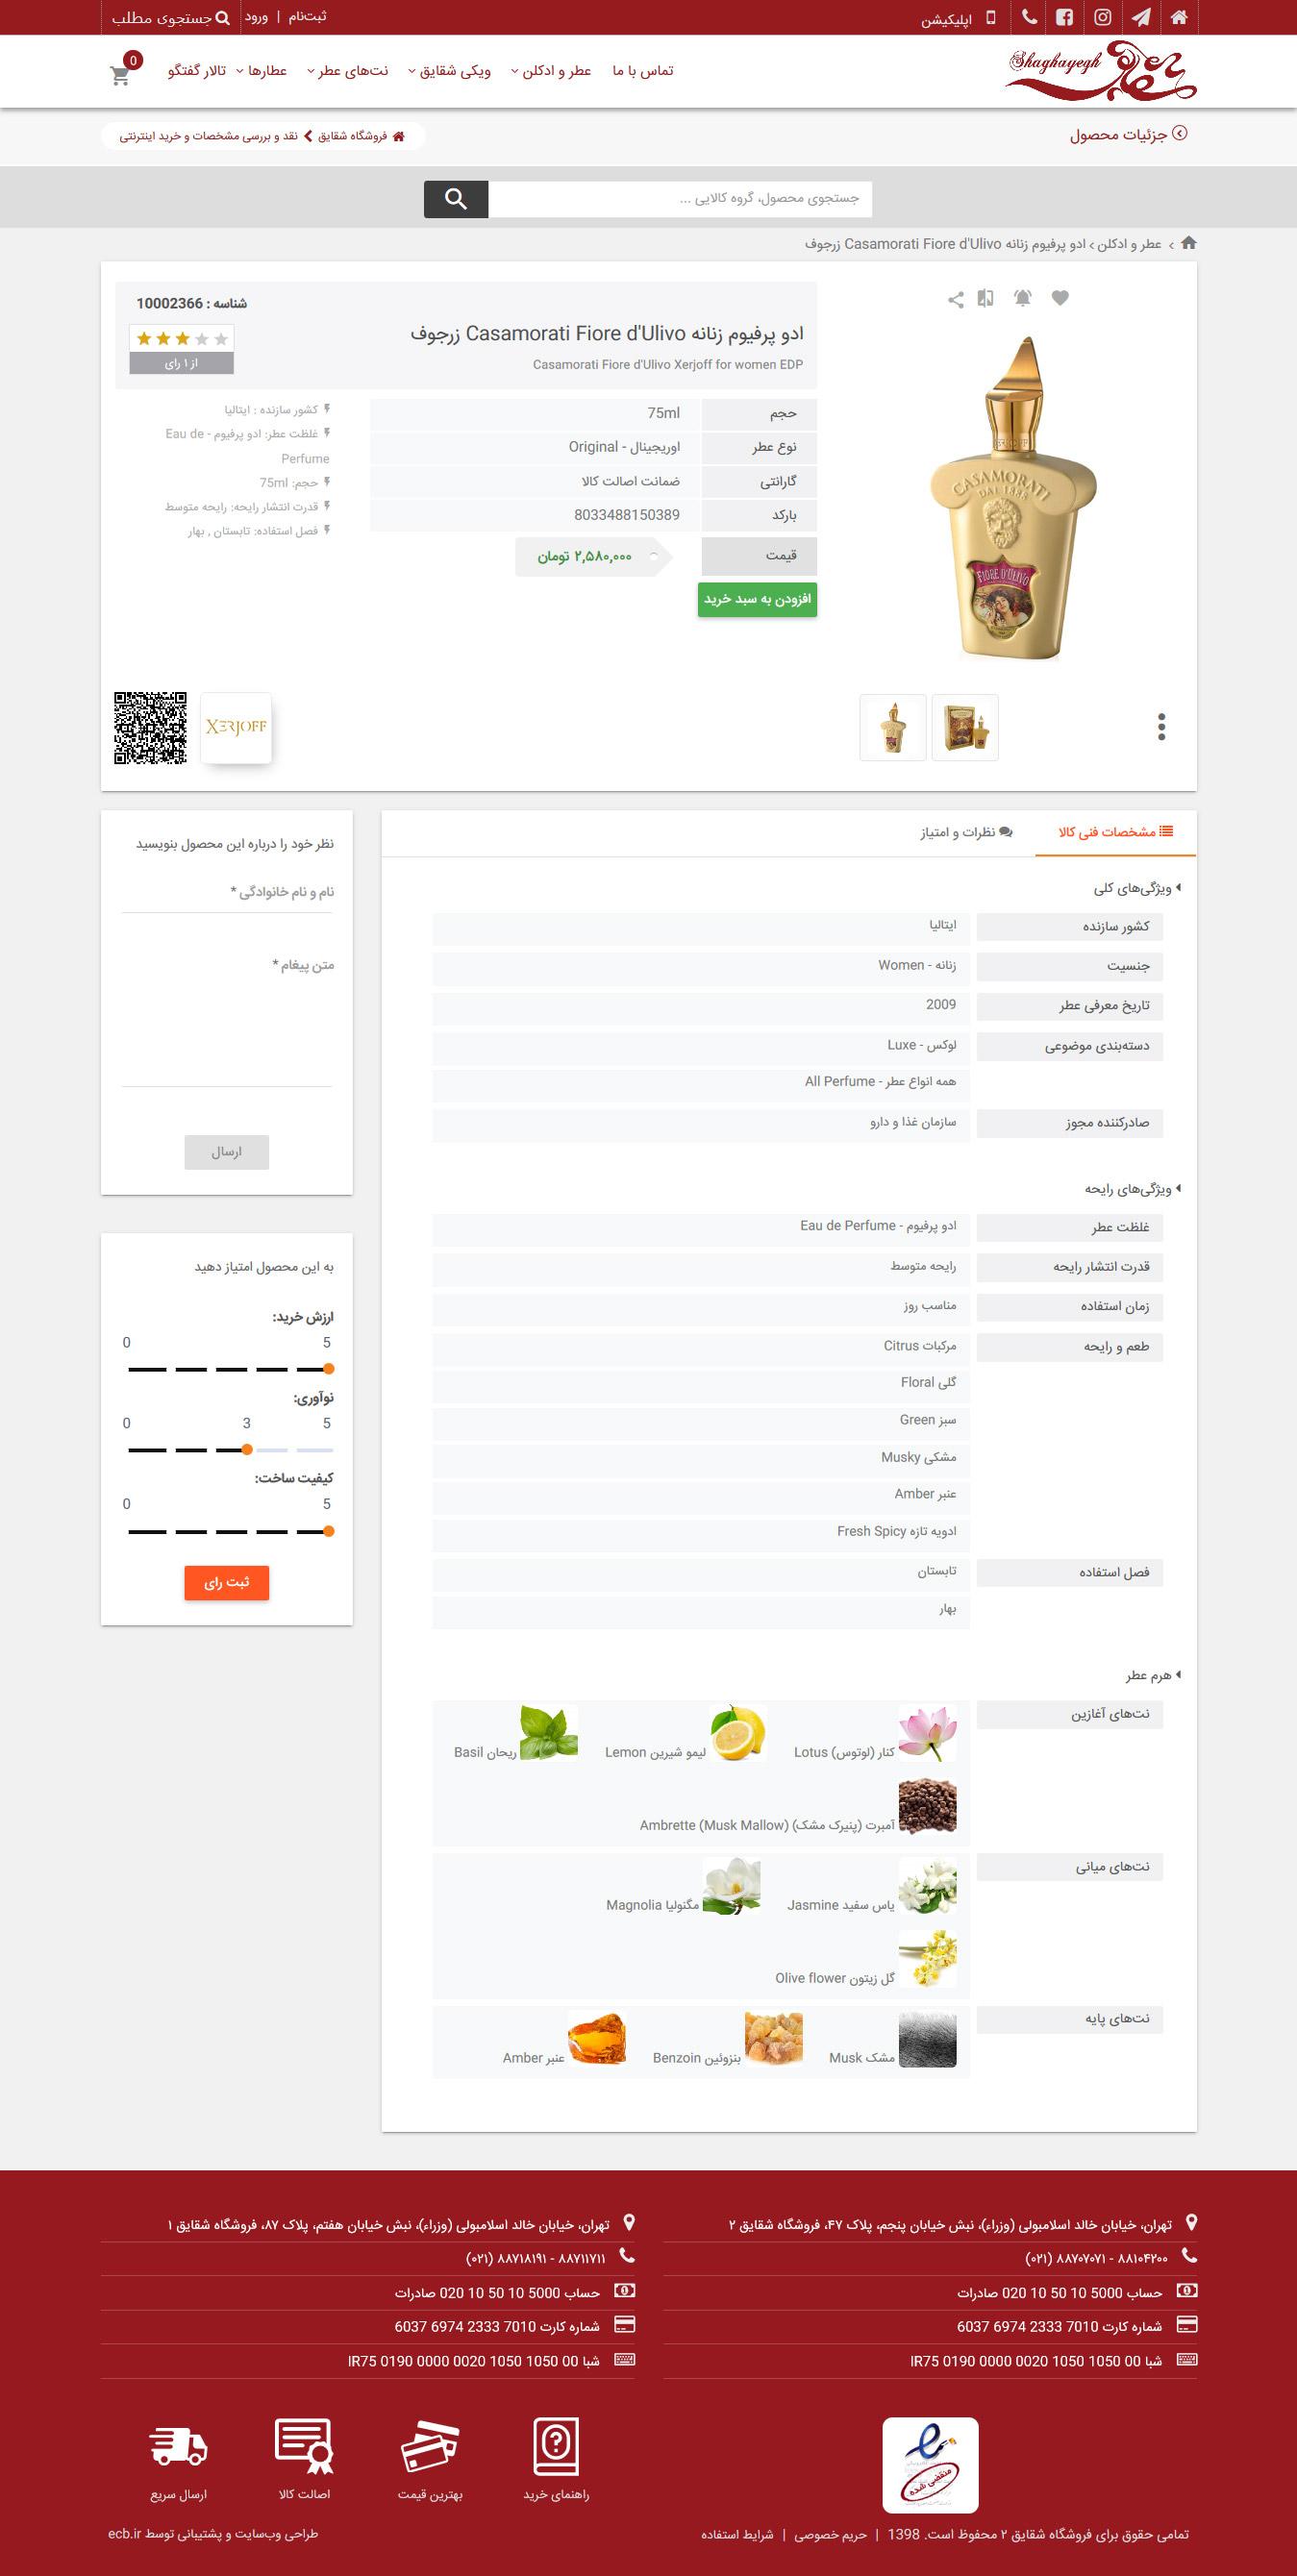 shaghayegh2-com-Details